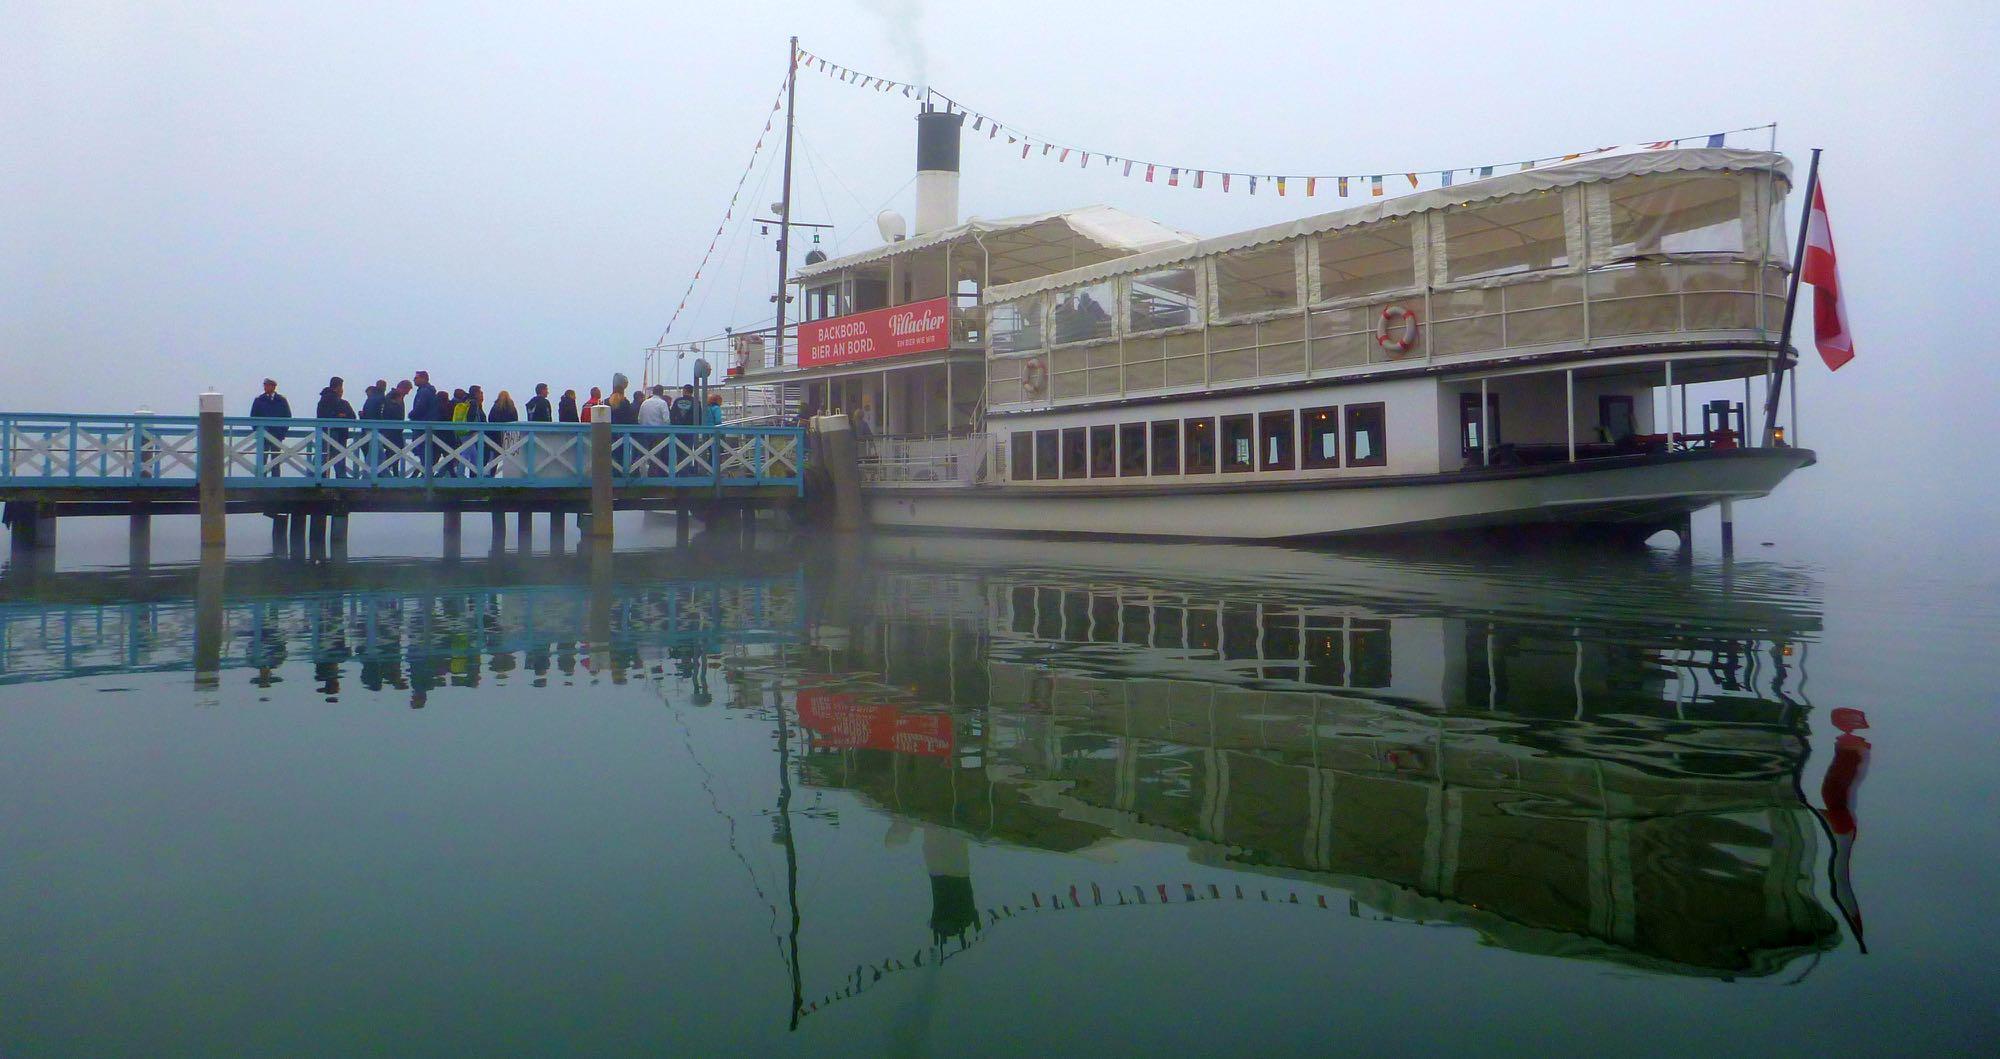 TID-Treffen 2017, 25. bis 29. Oktober mit viel Sonne am Wörthersee um 10Uhr und um 14Uhr fährt das Ausflugsschiff hier ab, um 14Uhr fährt der Großteil des Treffens dann mit dem Dampfer.